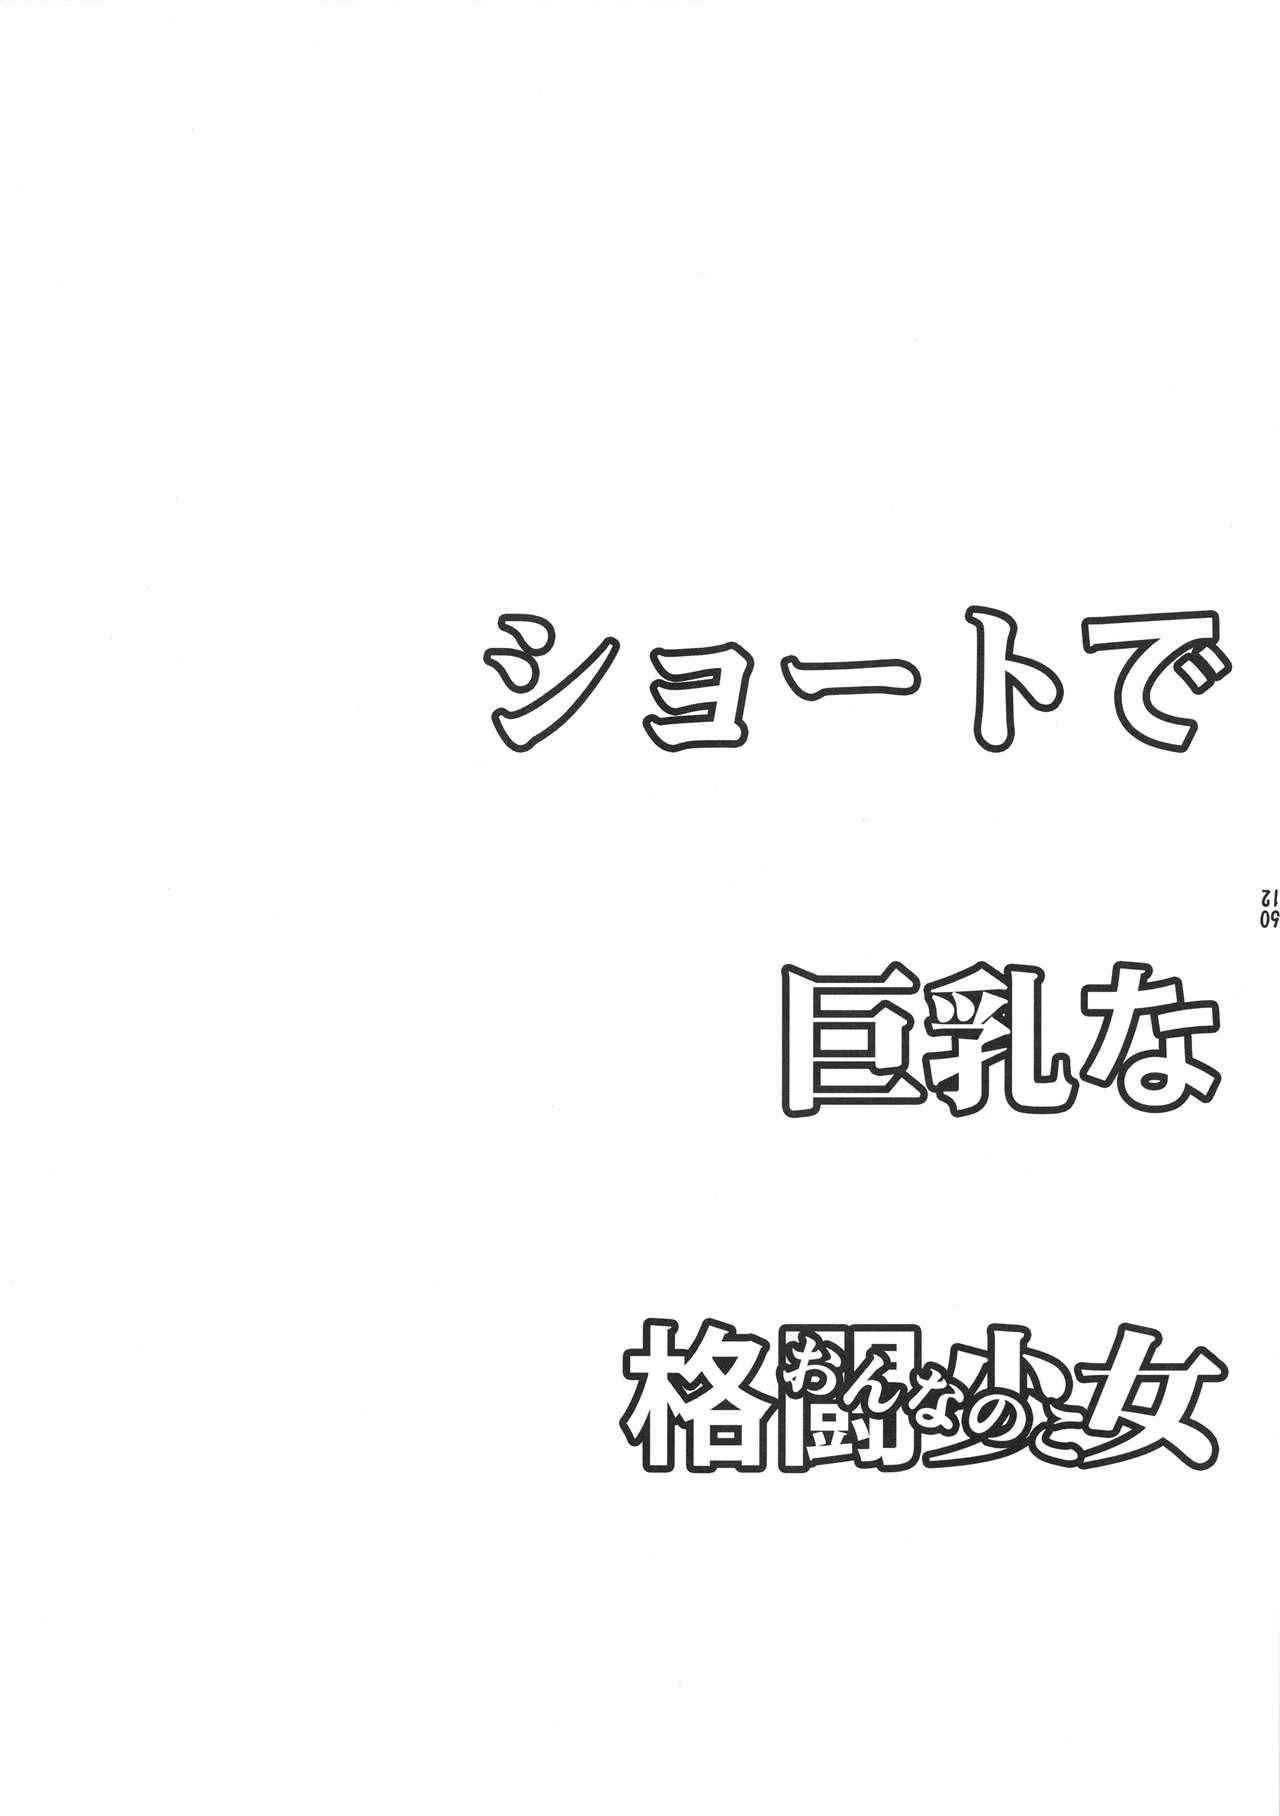 Short de Kyonyuu na Onee-san + Onnanoko 16